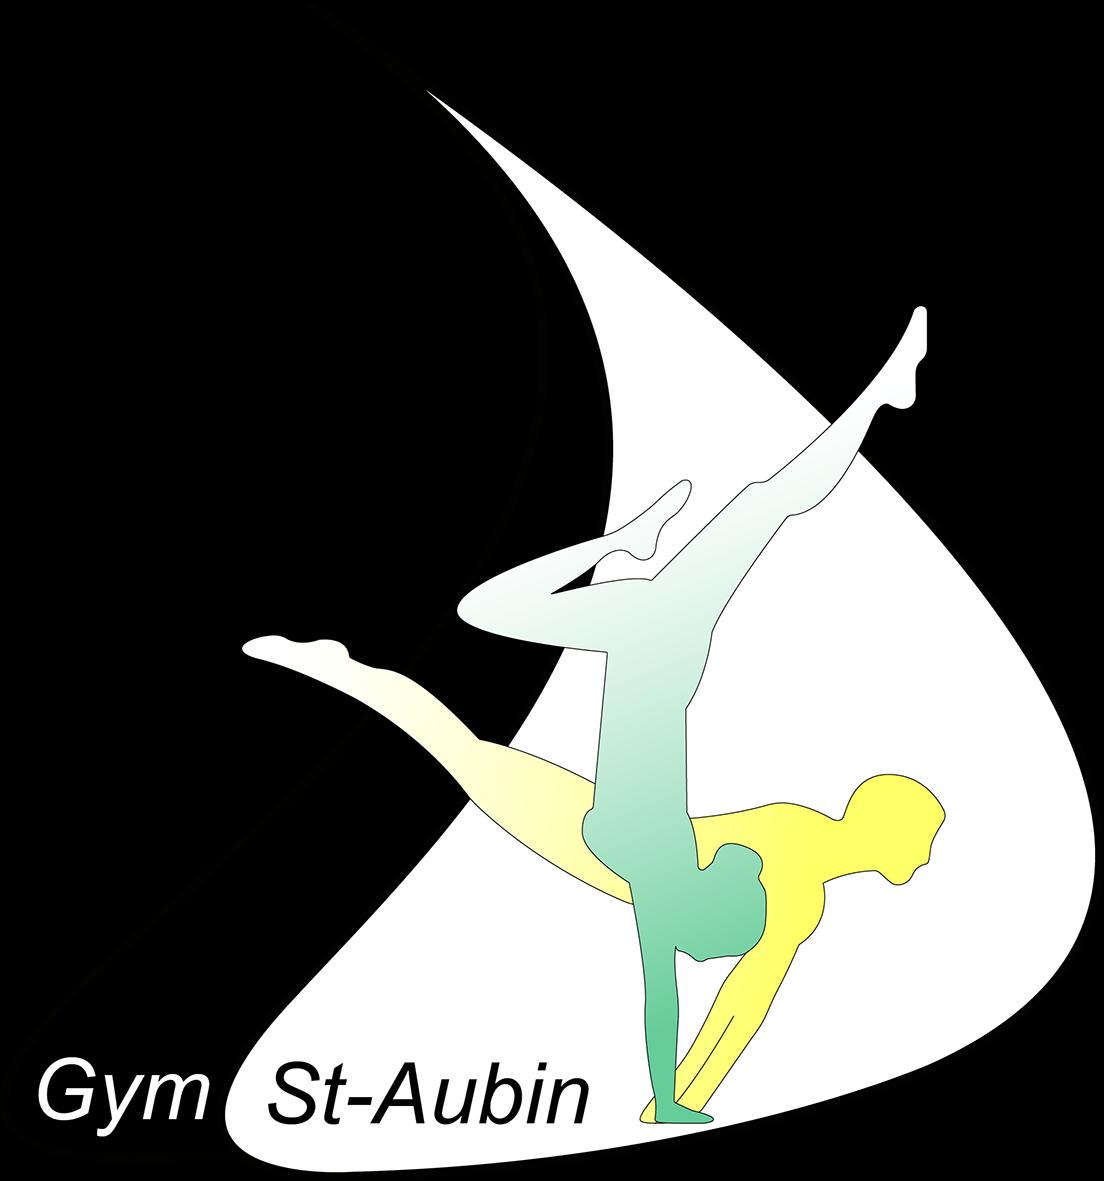 Gym St-Aubin